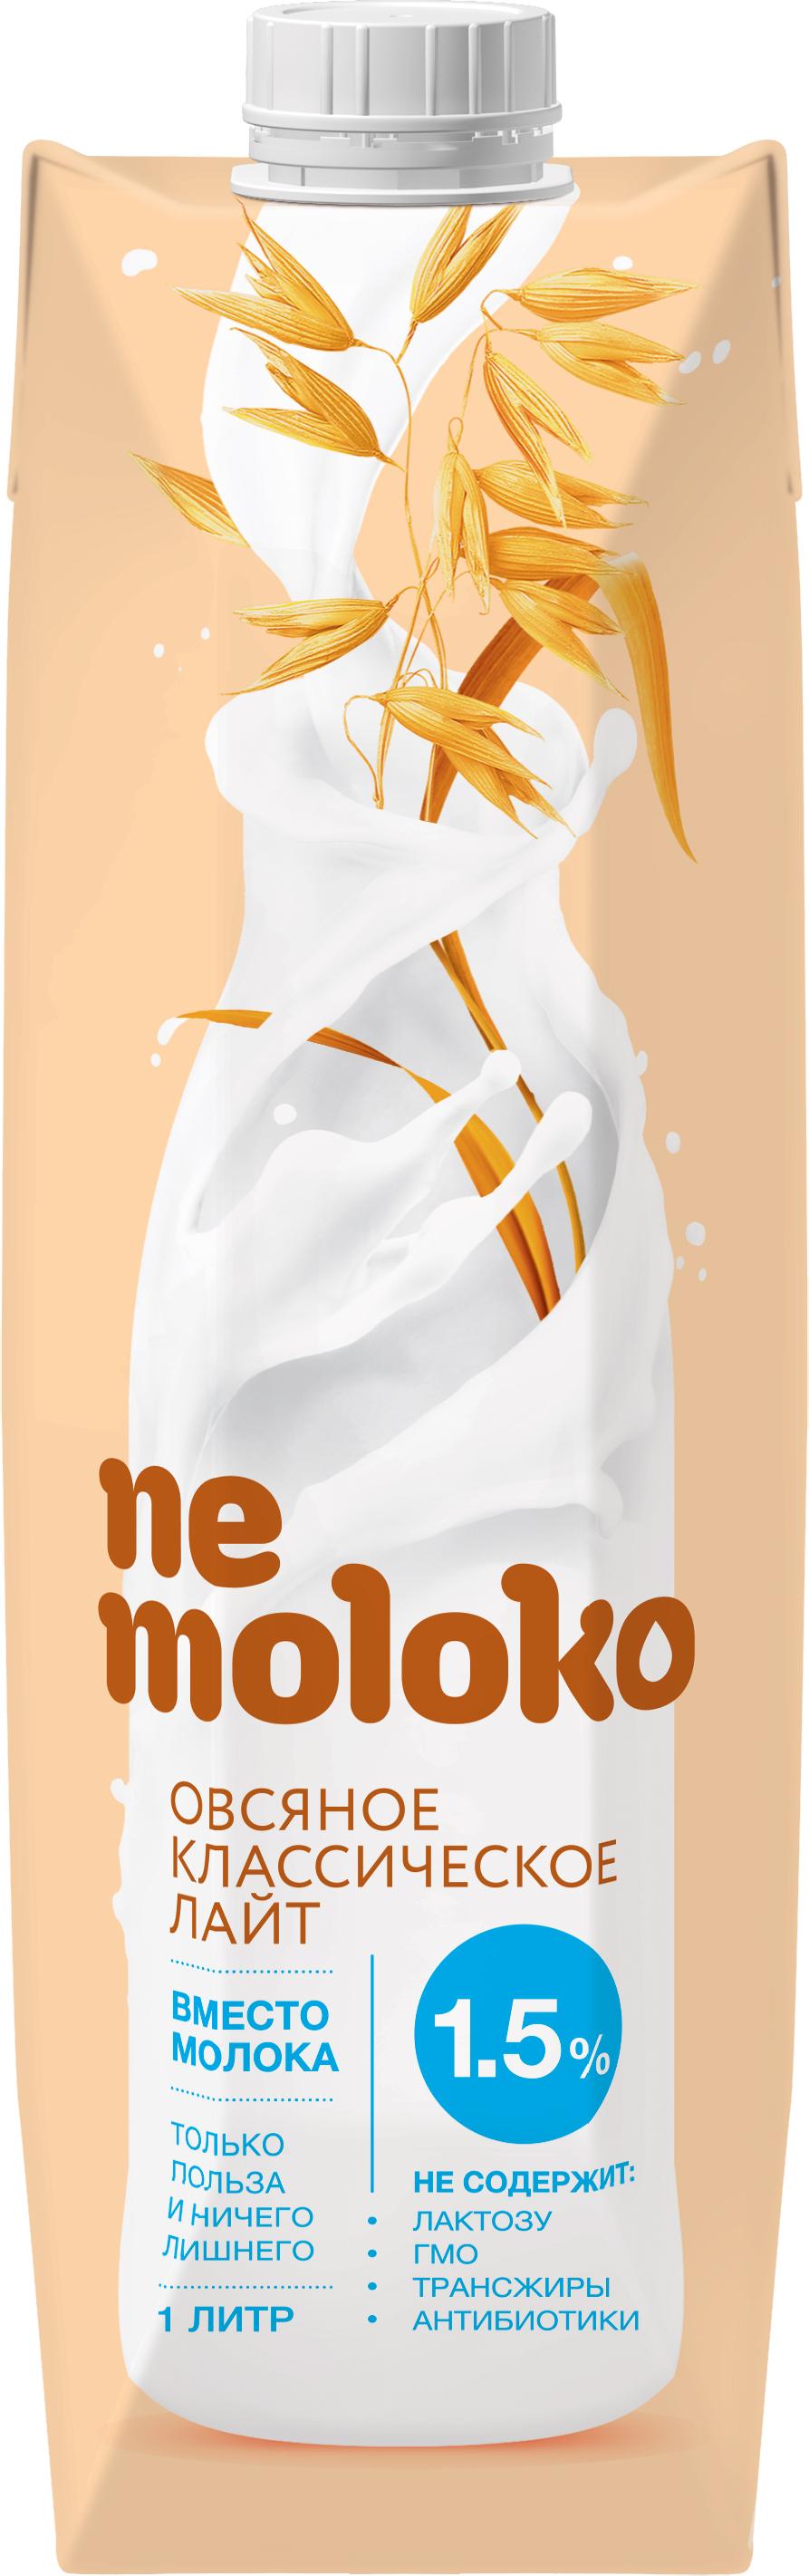 Купить Напитки, Nemoloko Лайт классический овсяный с 3 лет 1 л, Россия